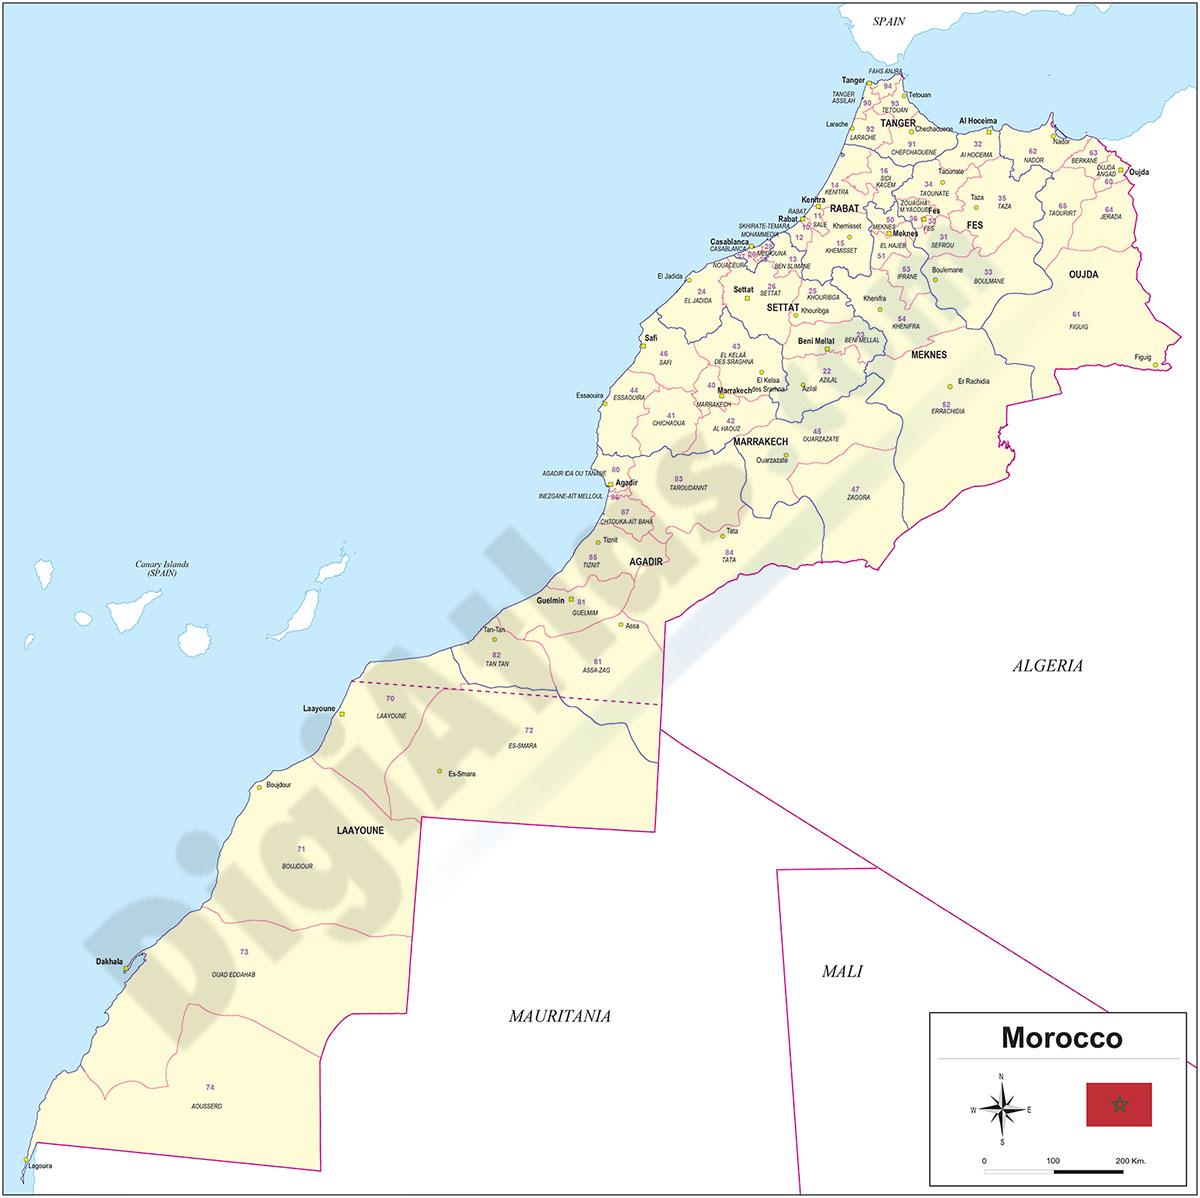 Mapa de Marruecos con regiones y codigos postales